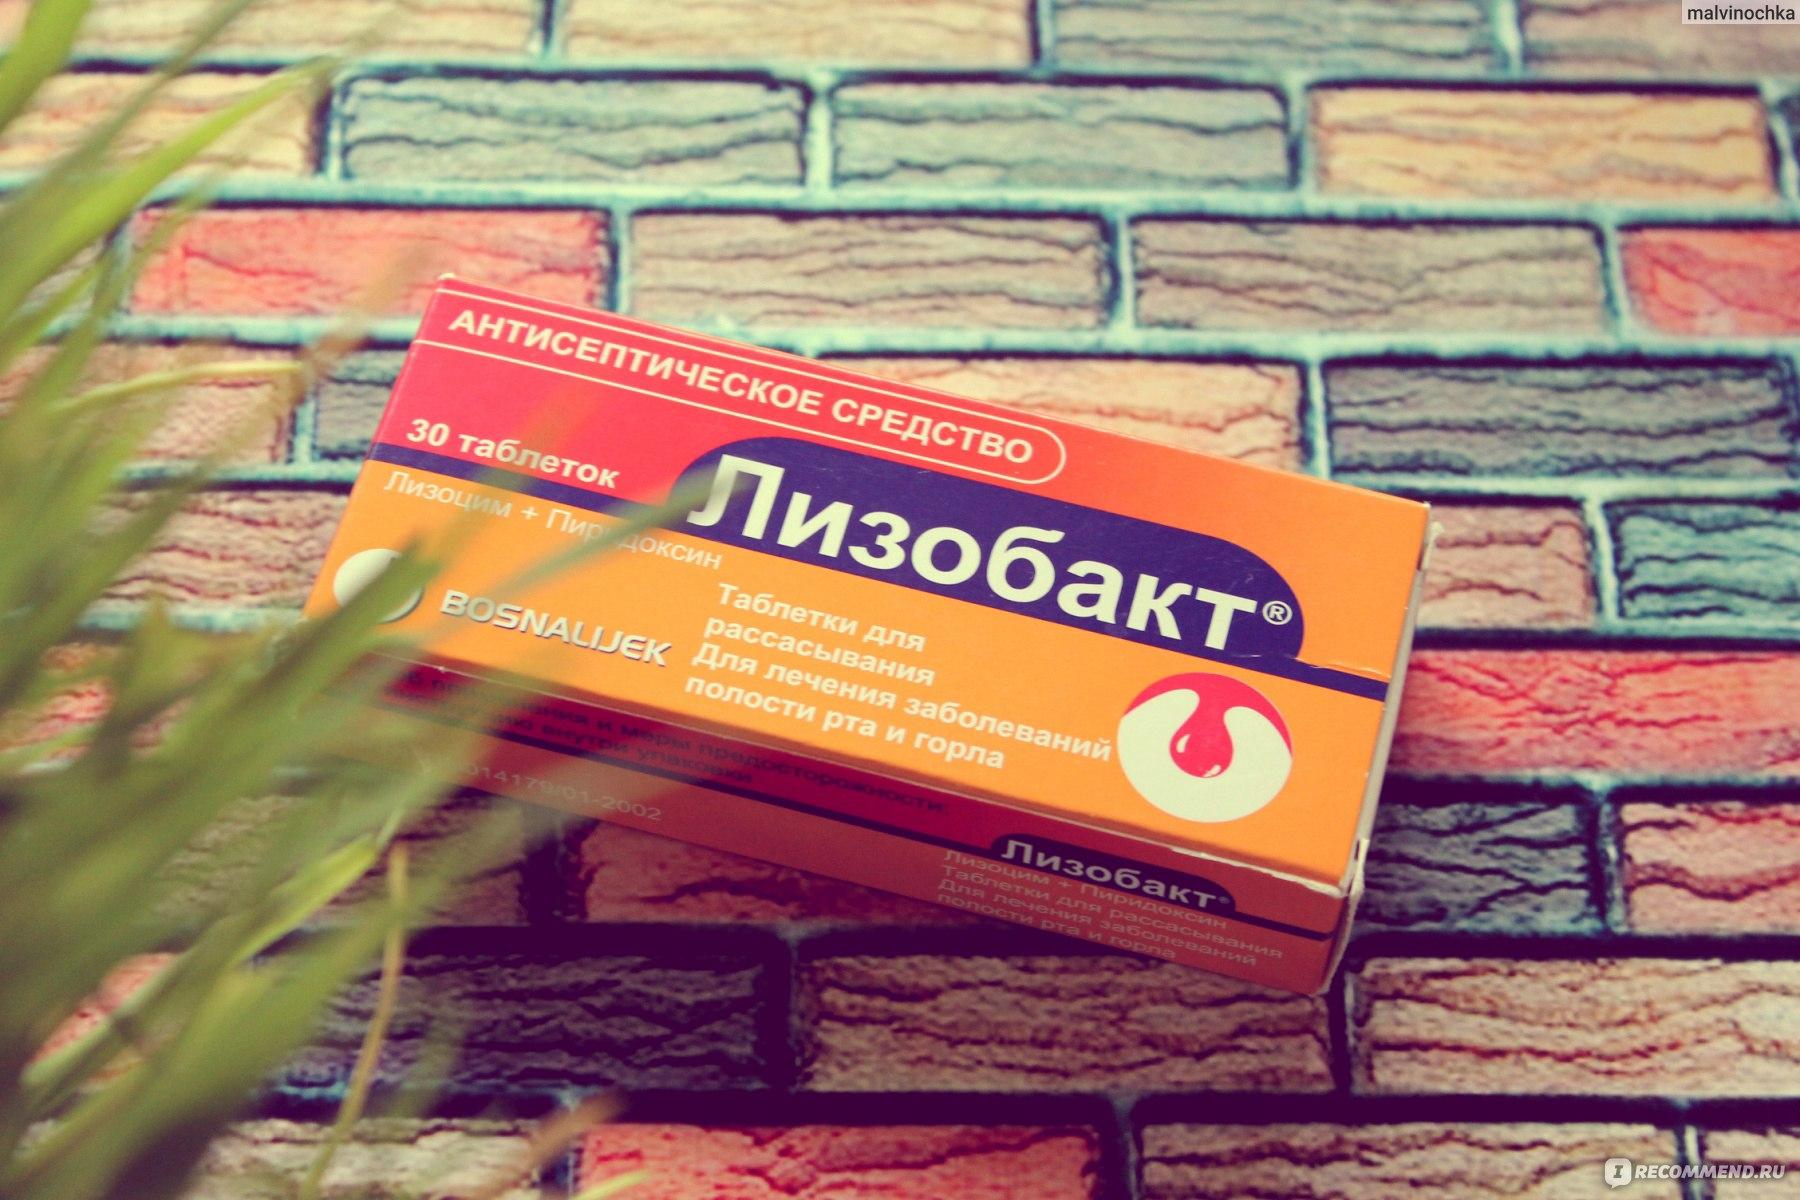 Лизобакт: инструкция по применению, показания, отзывы и аналоги